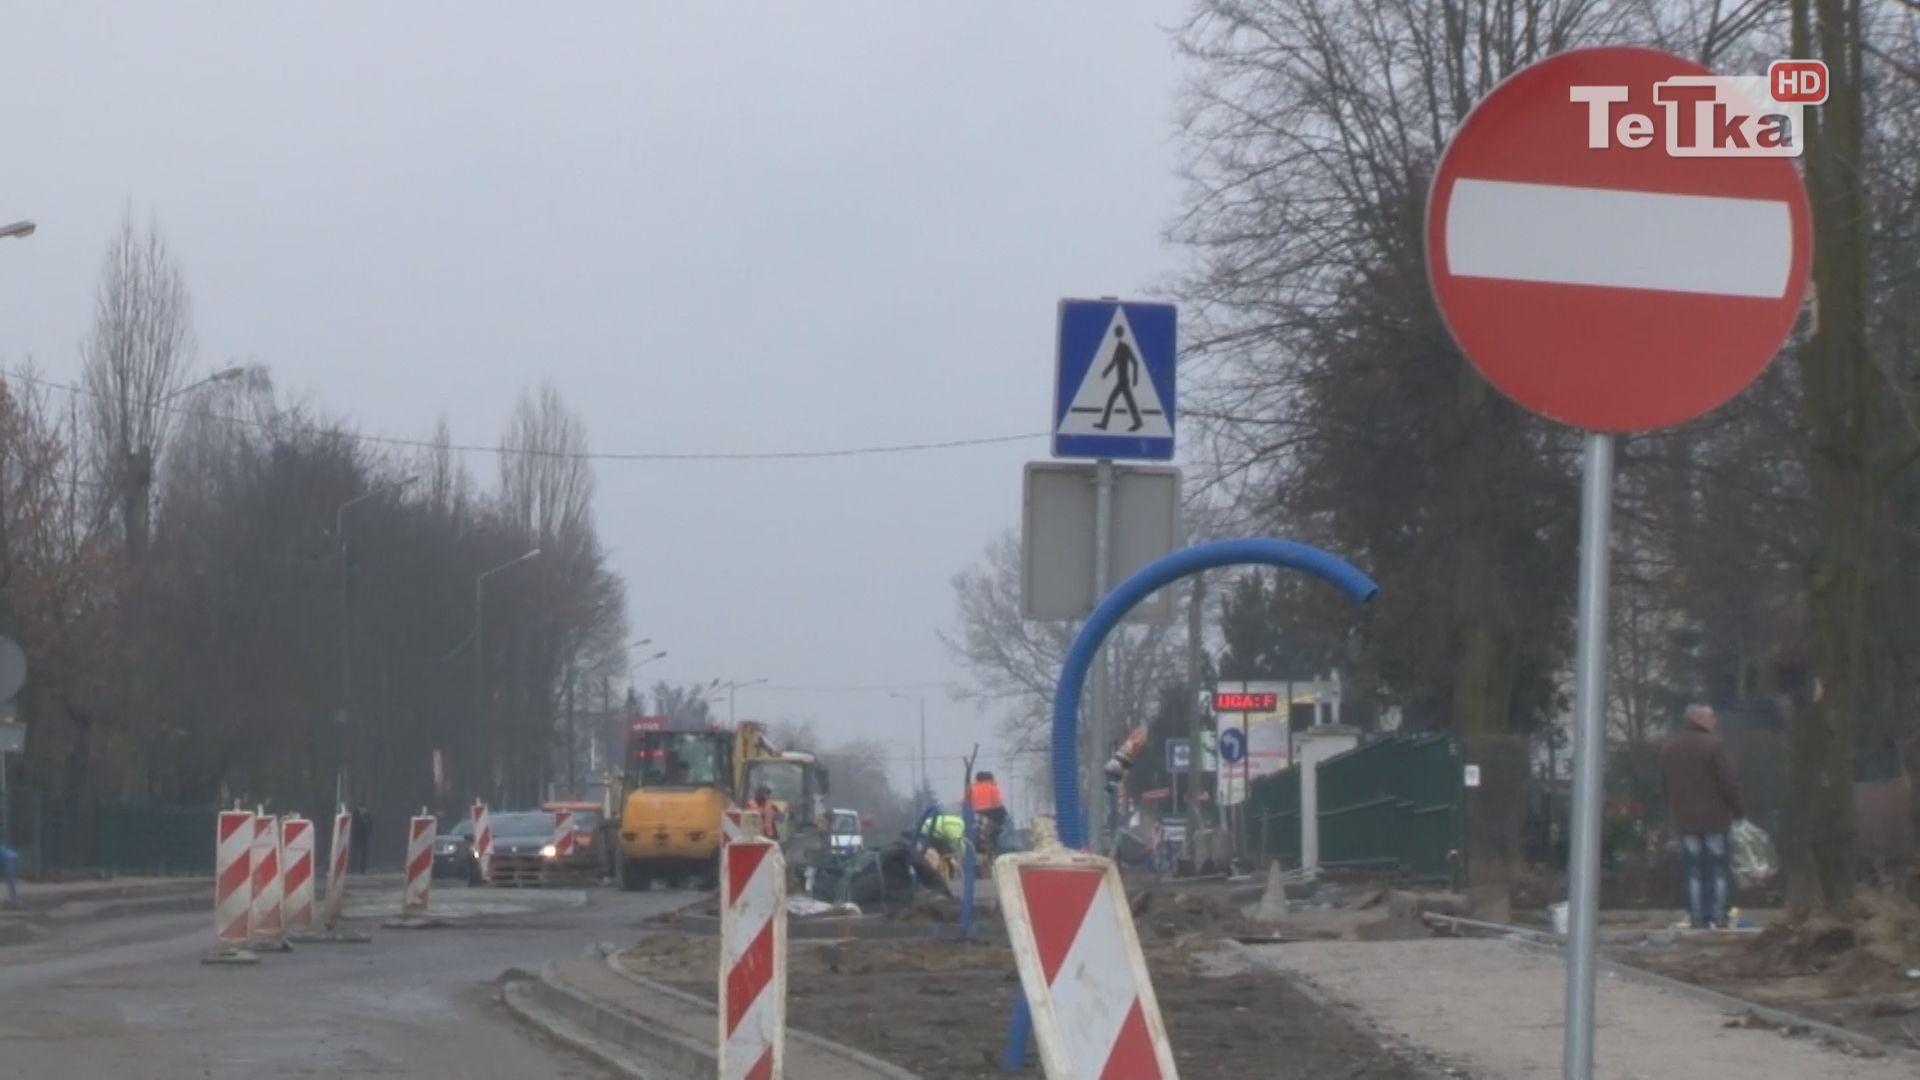 Trwa jeszcze remont ulicy Gdańskiej a miasto oglosiło już przetarg na roboty kolejnego odcinka.